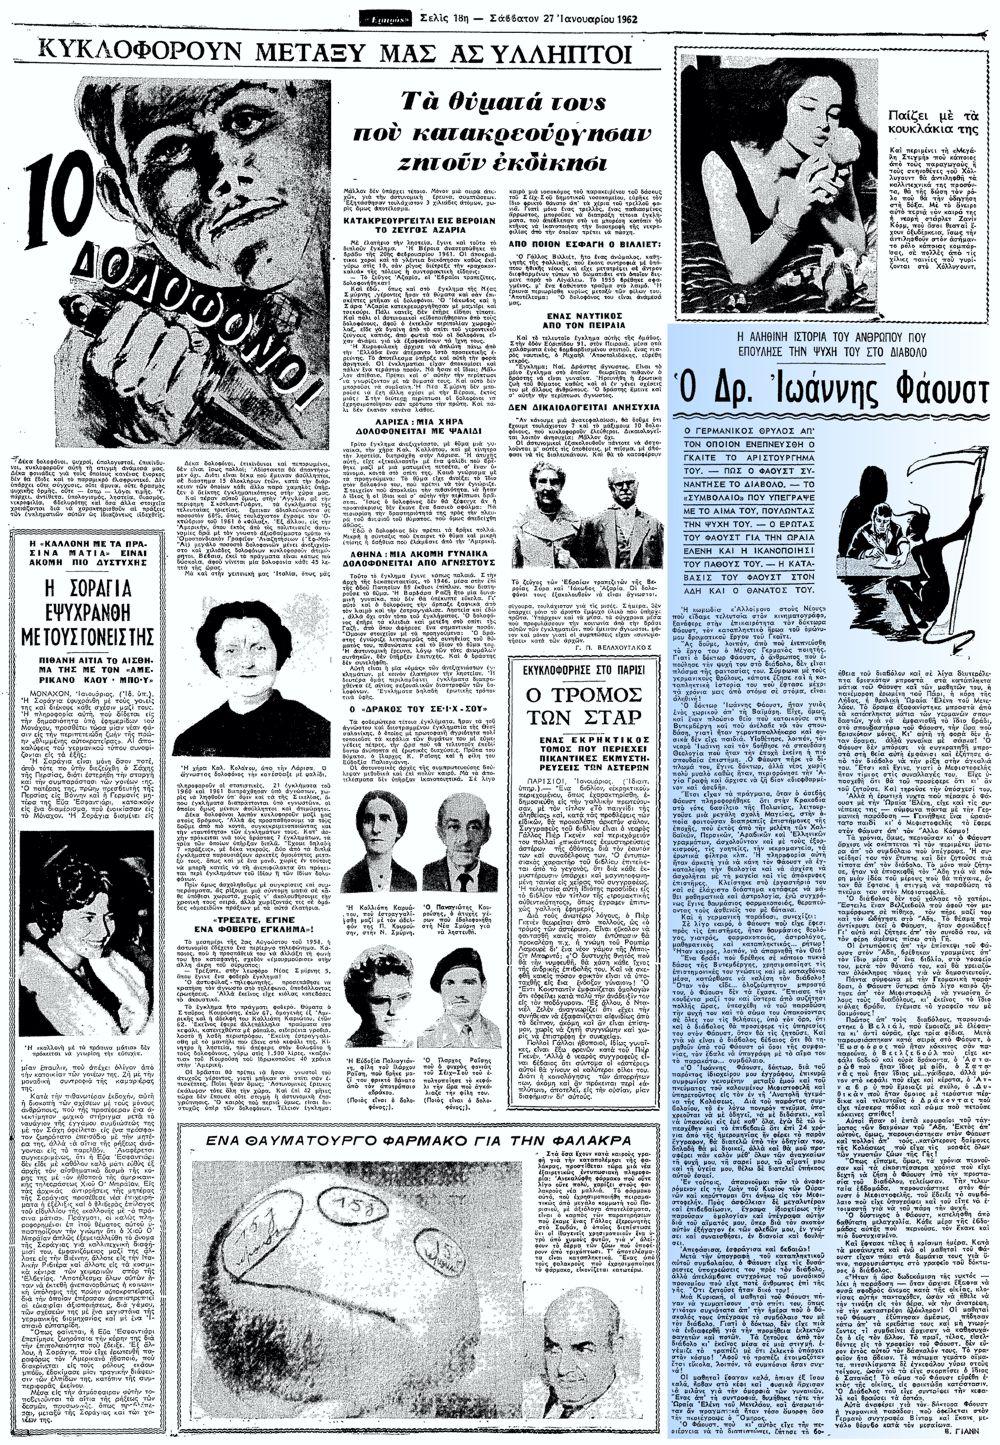 """Το άρθρο, όπως δημοσιεύθηκε στην εφημερίδα """"ΕΜΠΡΟΣ"""", την 27/02/1962"""